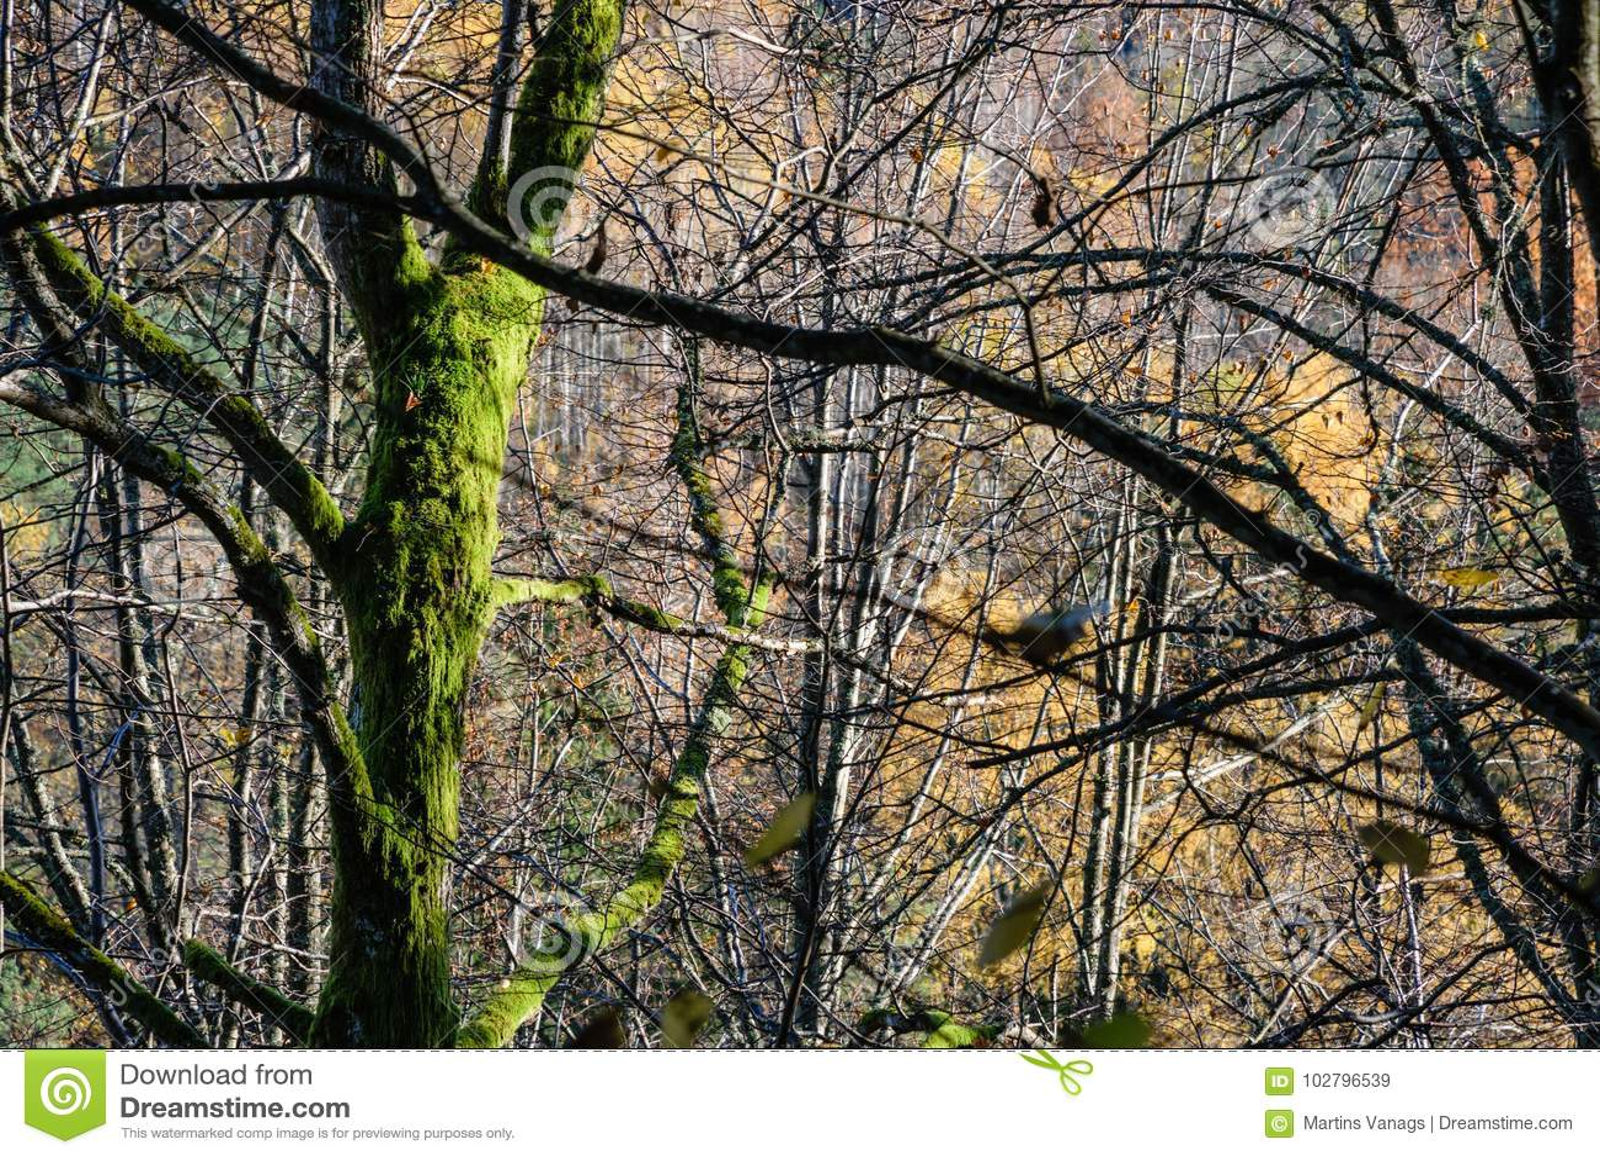 солнечное утро в древесинах лес с стволами дерева